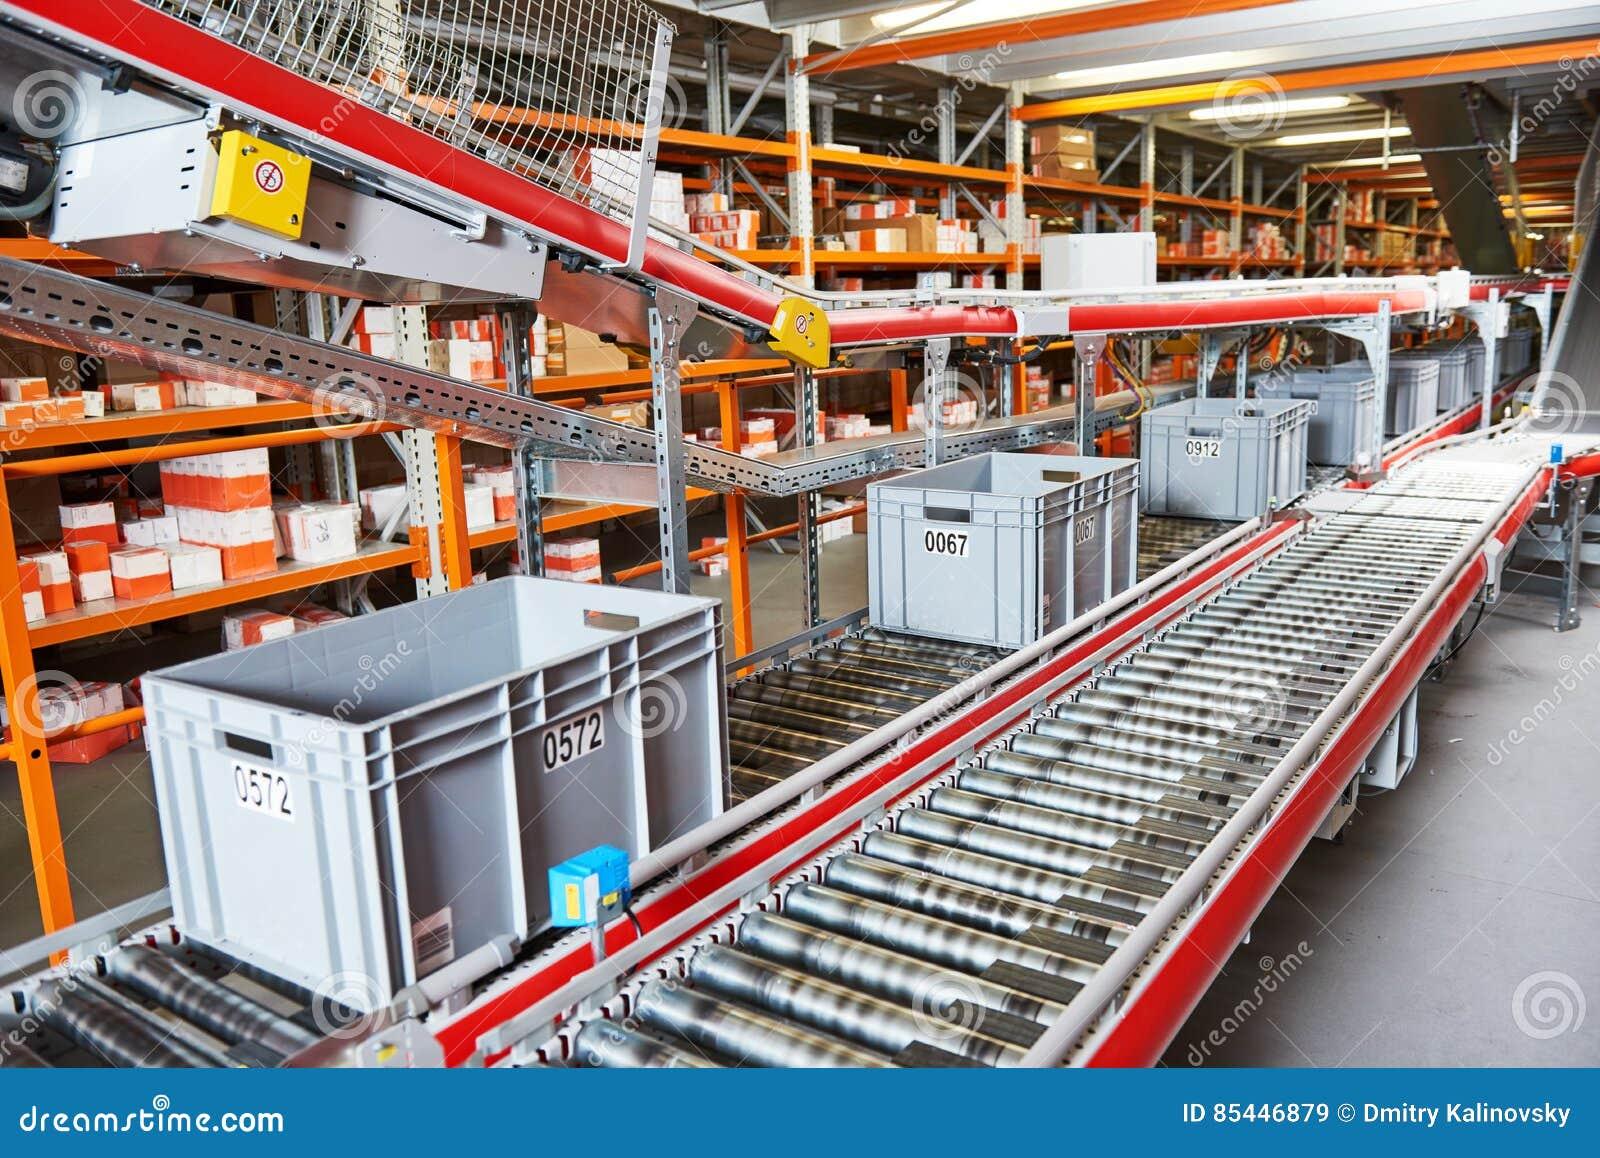 Транспортер склад конвейеры транспортерные